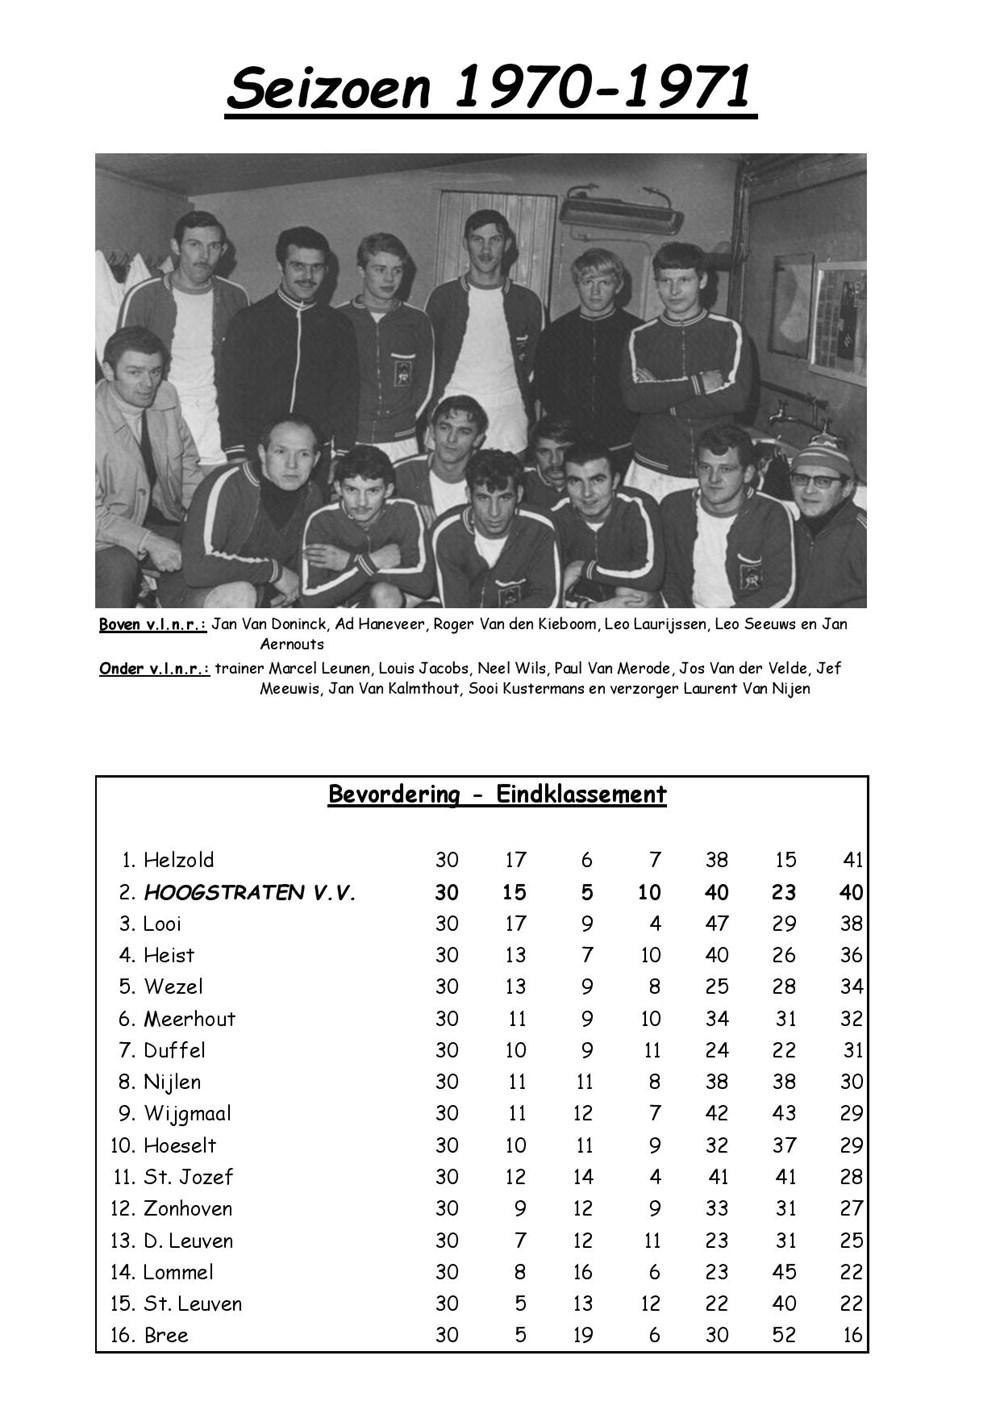 seizoen_1970-1971-page-001.jpg